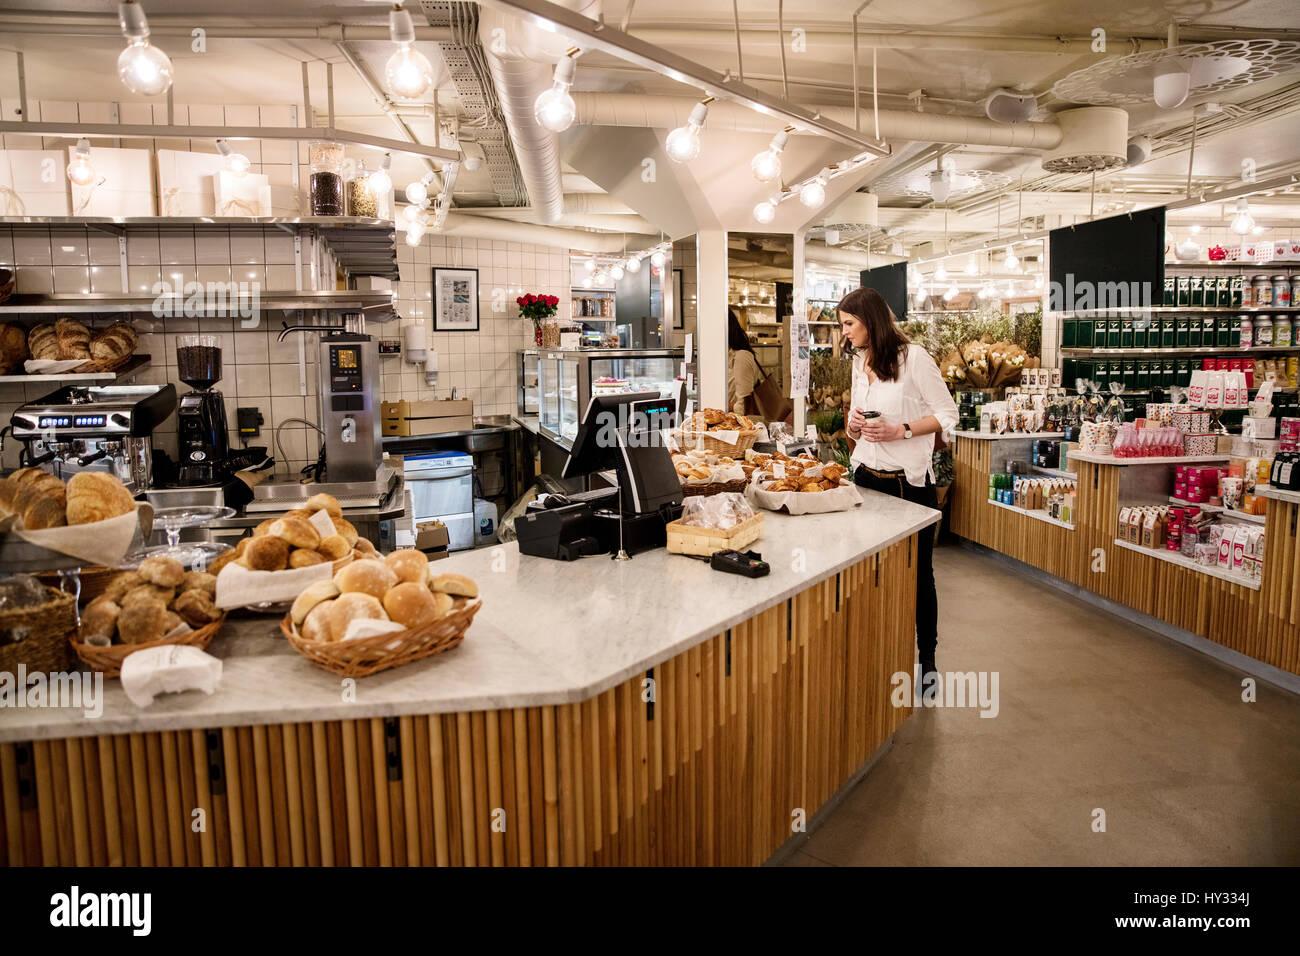 La Svezia, Donna scelta dei cibi in forno Immagini Stock